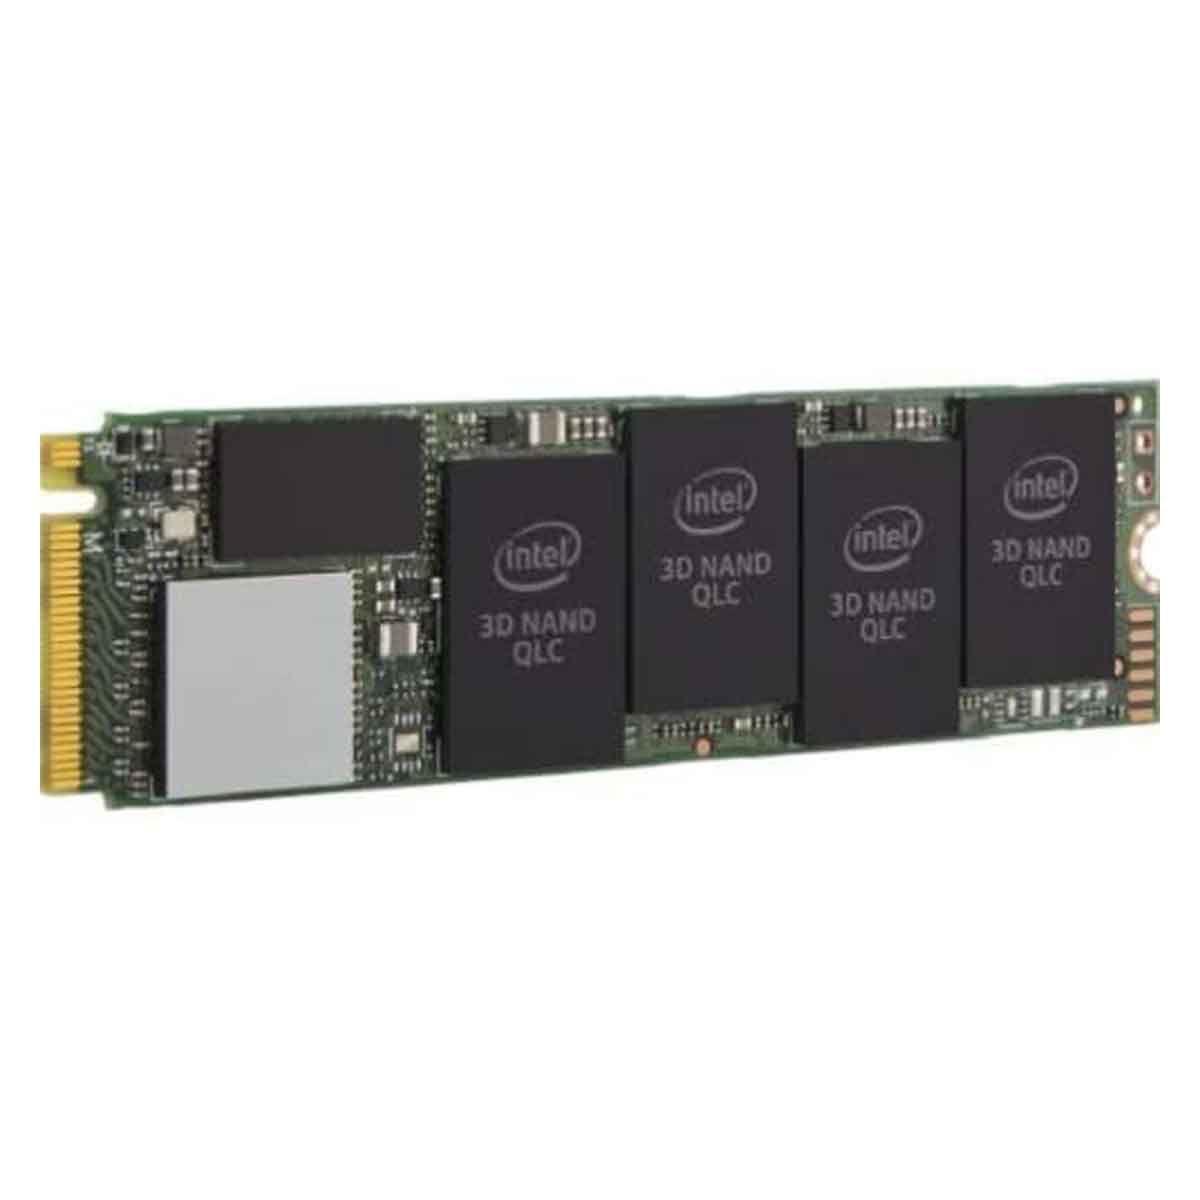 ఇంటెల్ SSD 660p